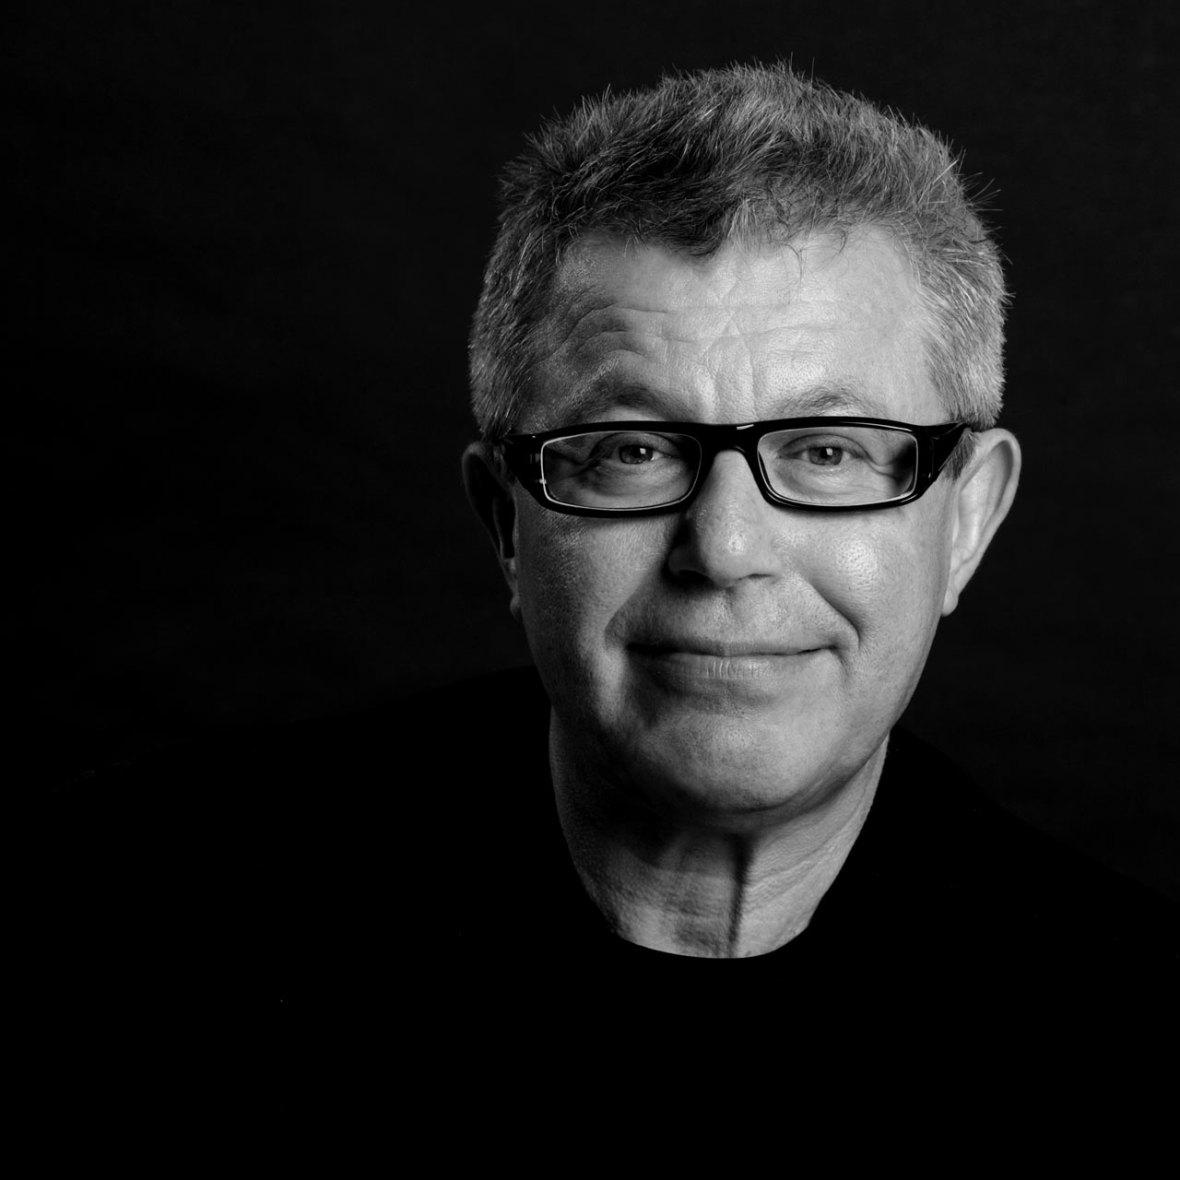 F5-Daniel-Libeskind-0-portrait-Ilan-Besor